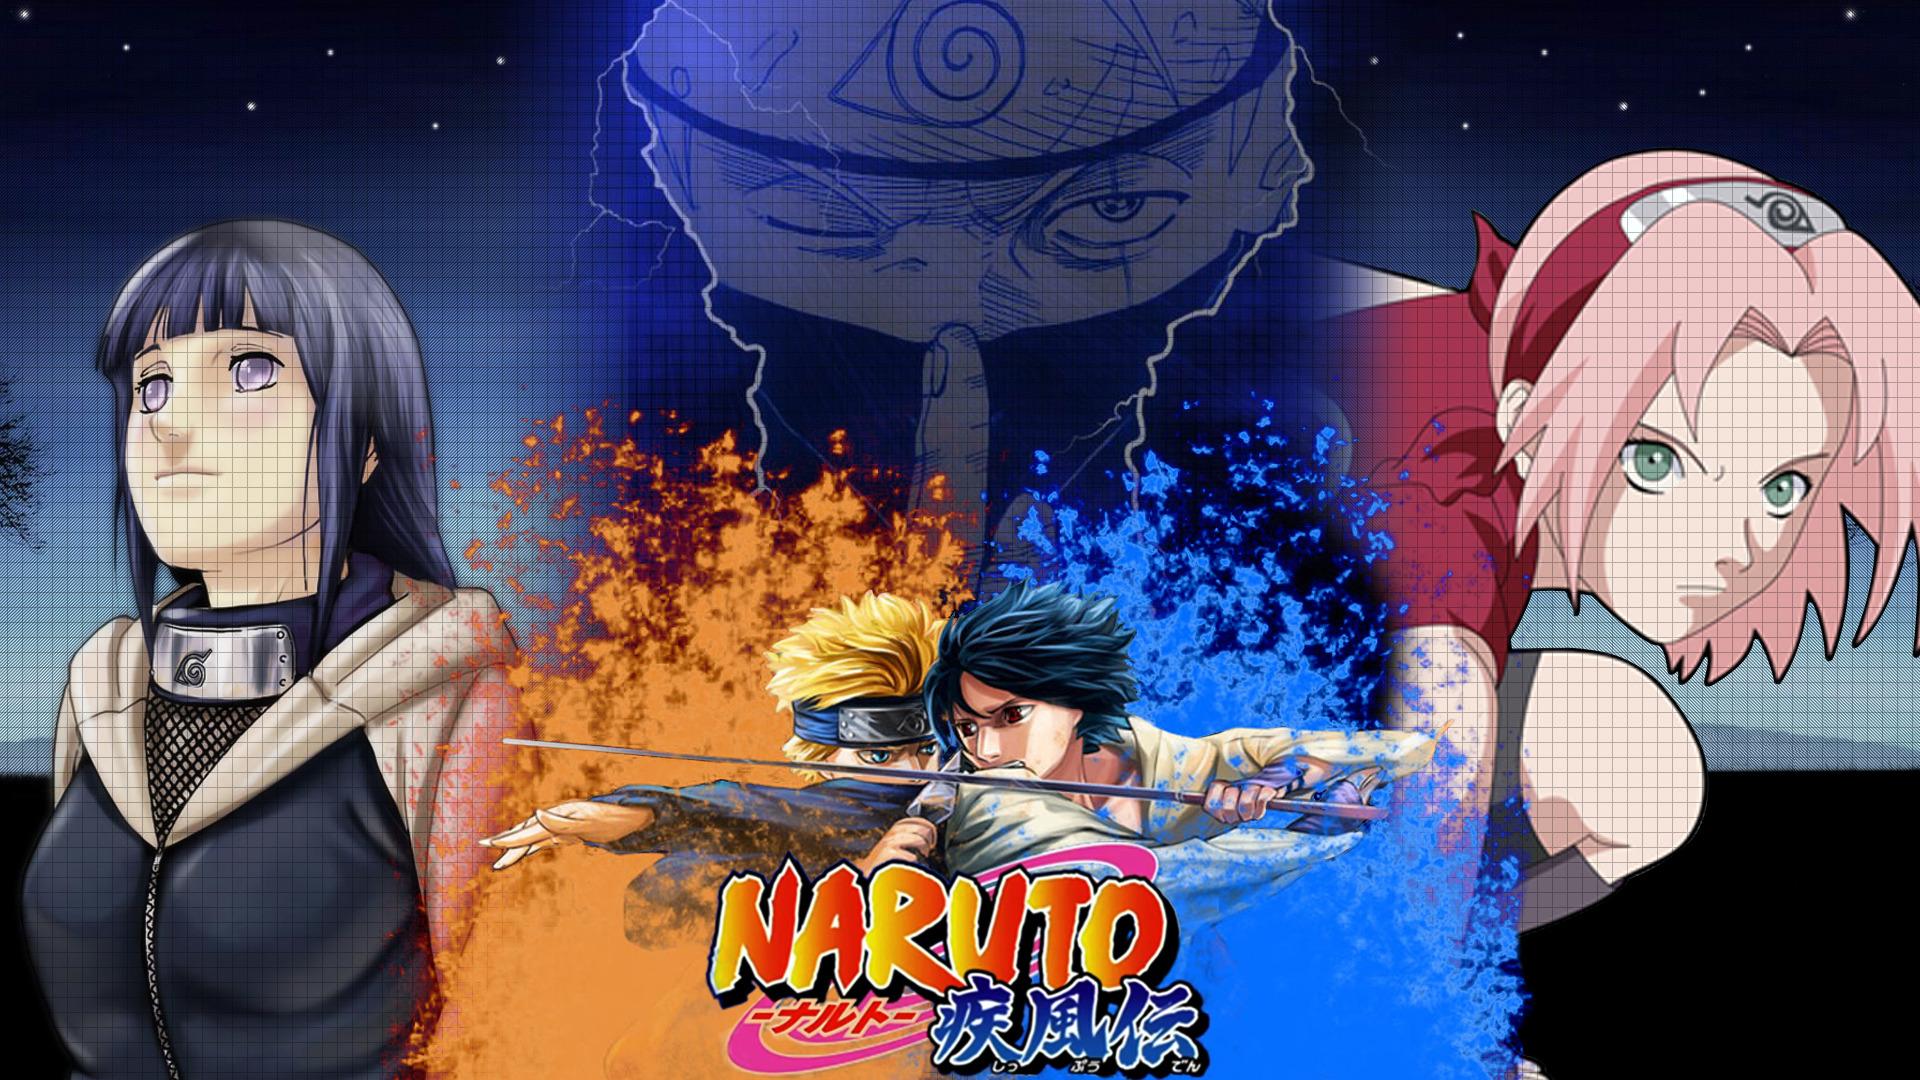 Naruto vs Sasuke   Naruto Shippuden wallpaper 4631 1920x1080